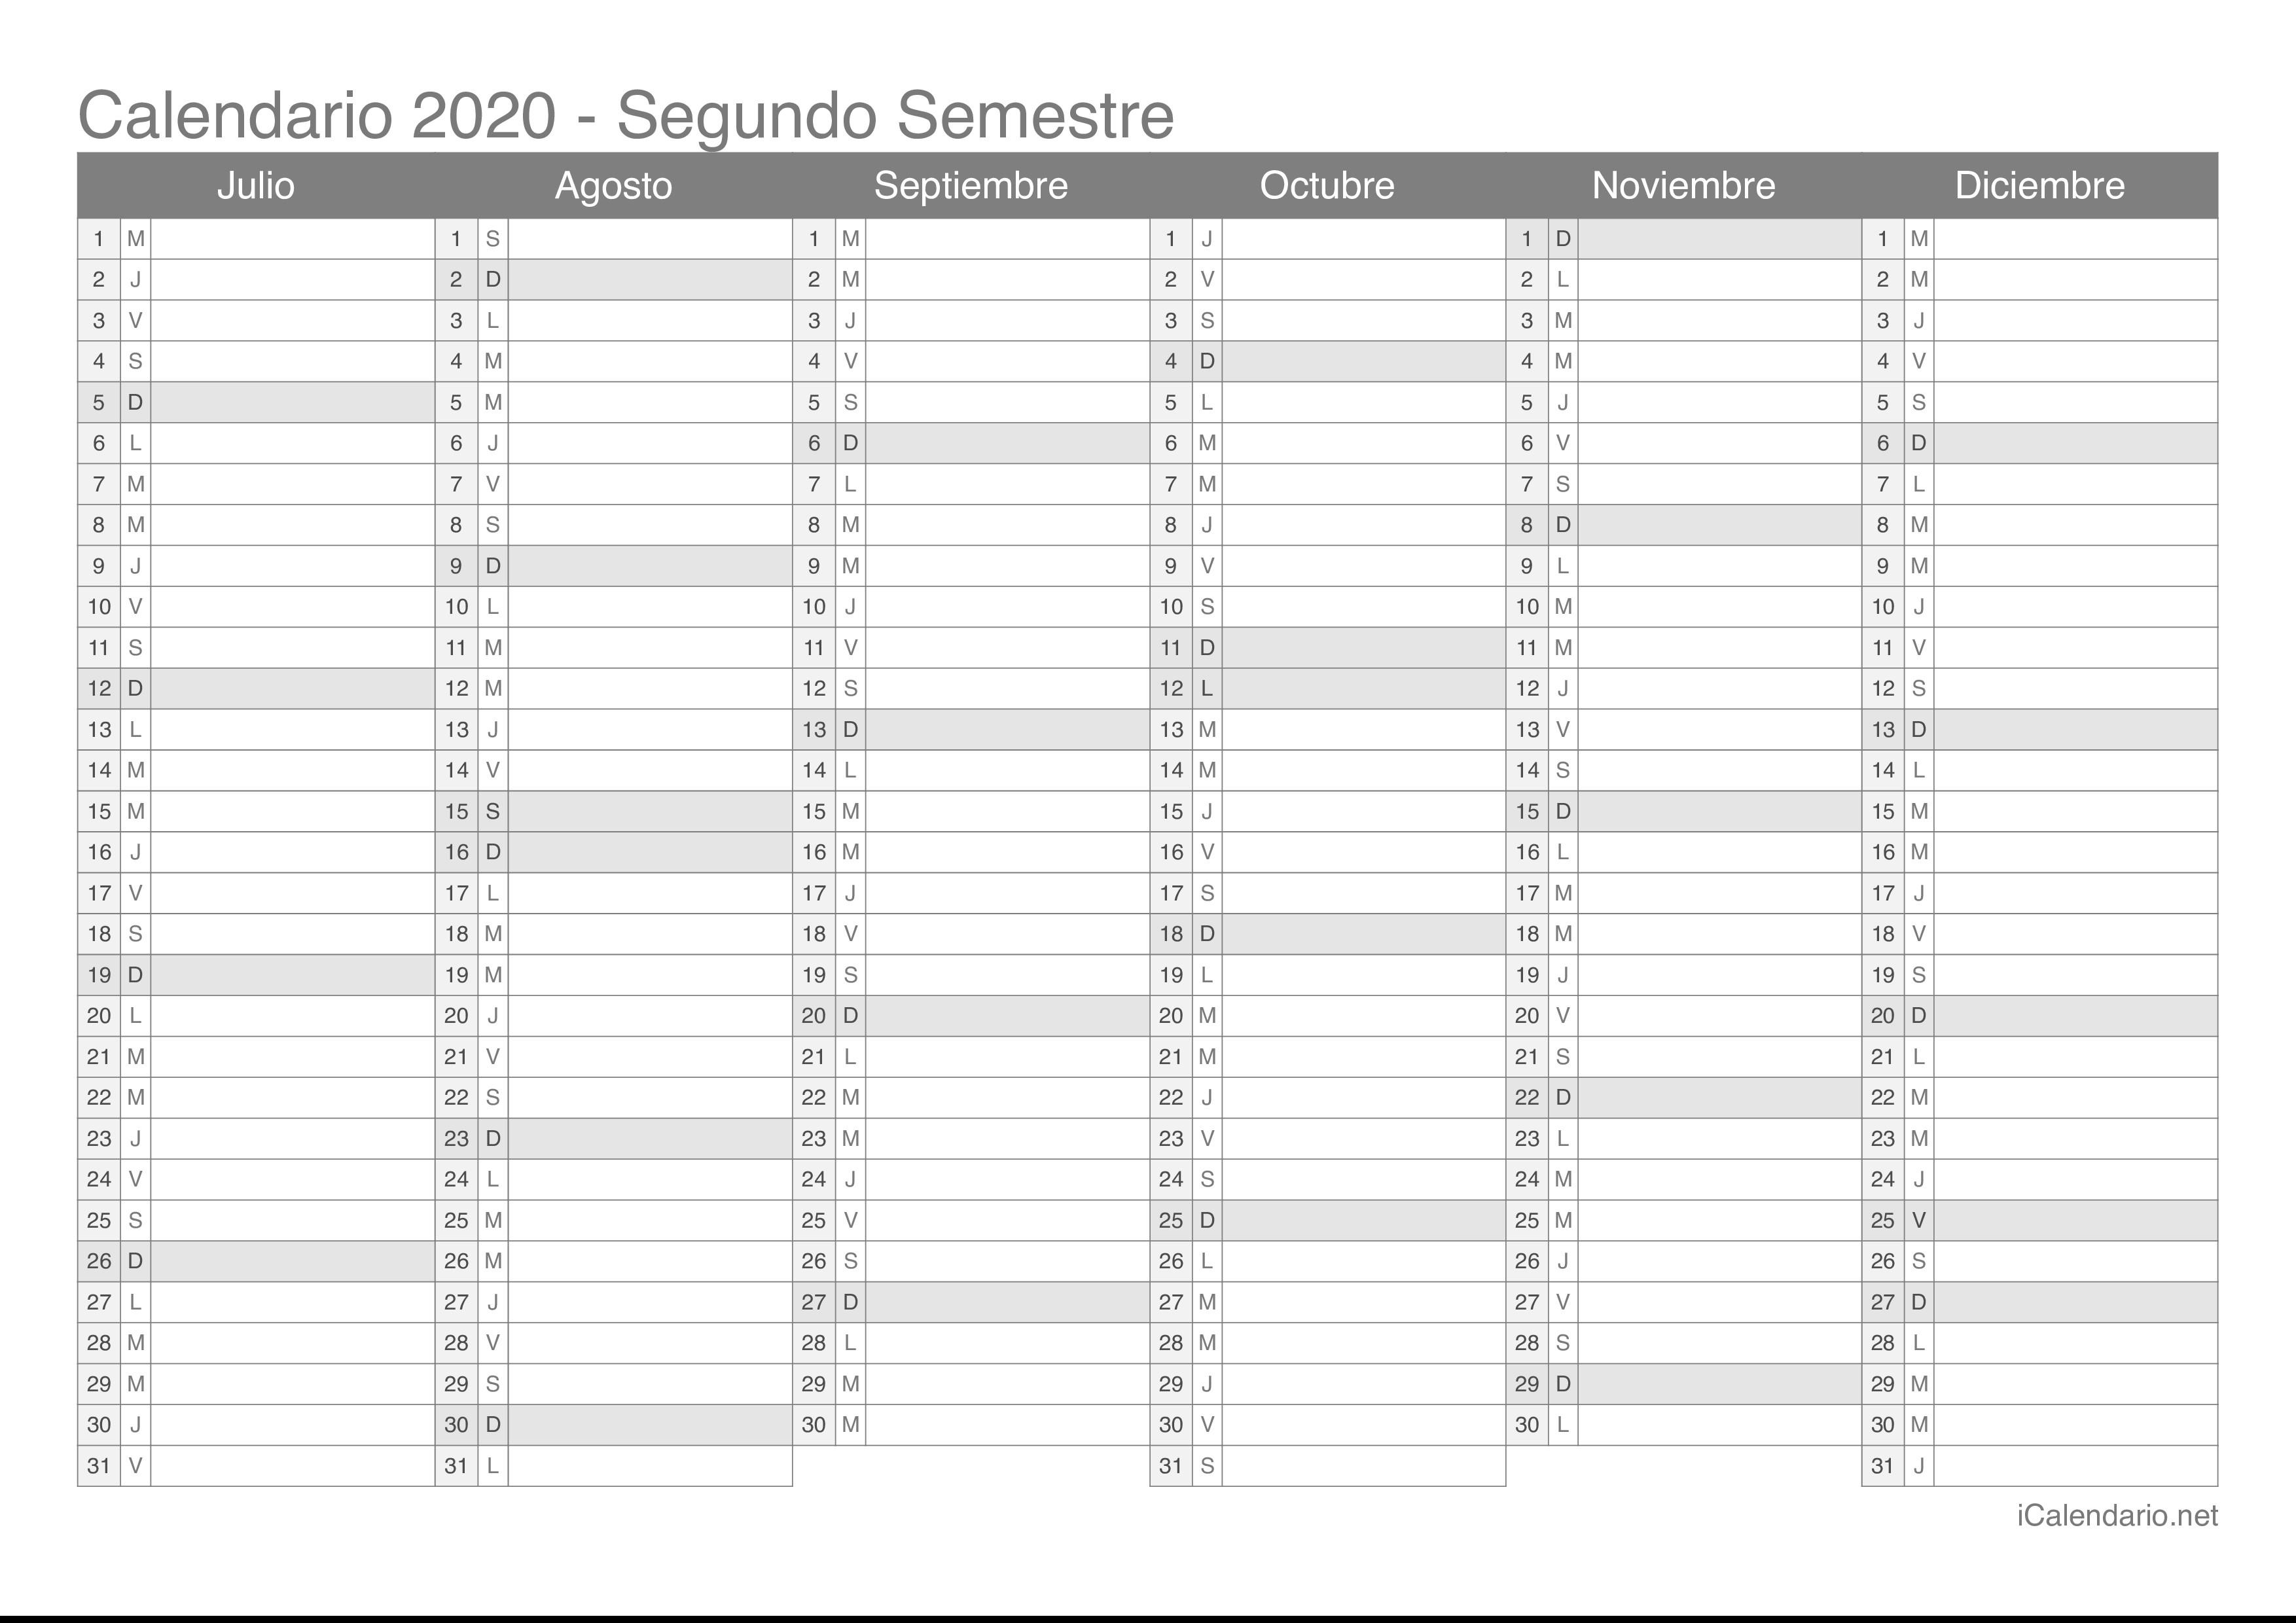 Calendario Febrero 2020 Venezuela Más Caliente Blanco Calendario Diciembre 2019 Enero 2020 30 Calendario Of Calendario Febrero 2020 Venezuela Más Recientes mpetu Pucallpa 14 De Febrero De 2019 by Diario mpetu issuu